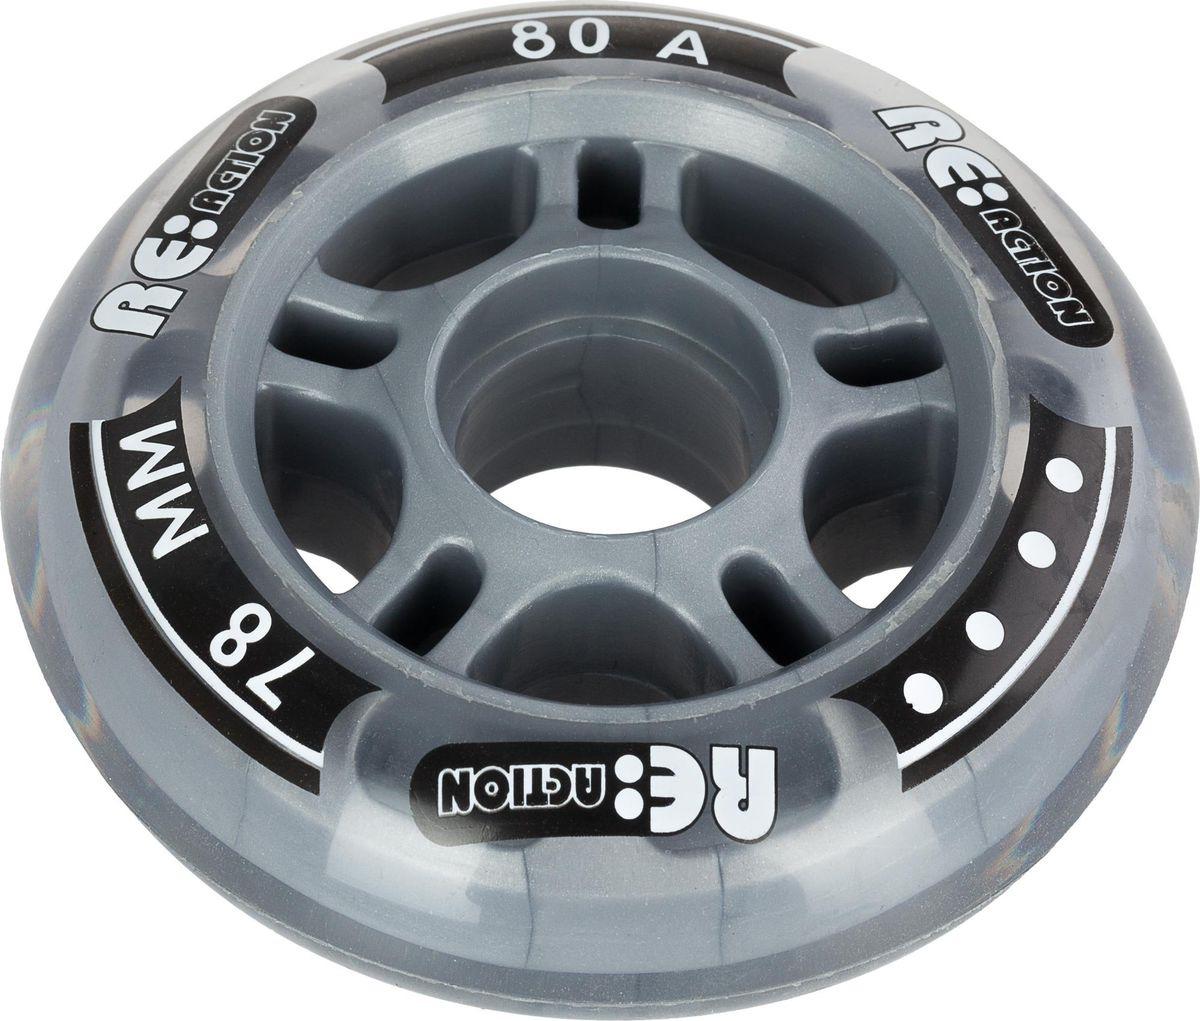 Набор колес Reaction 78/80 Wheel Set, RW78\80, прозрачный, 4 штRW78\80Набор колес Reaction. Размер 78 мм и жесткость 80А, идеально подходят для фитнес-катания.